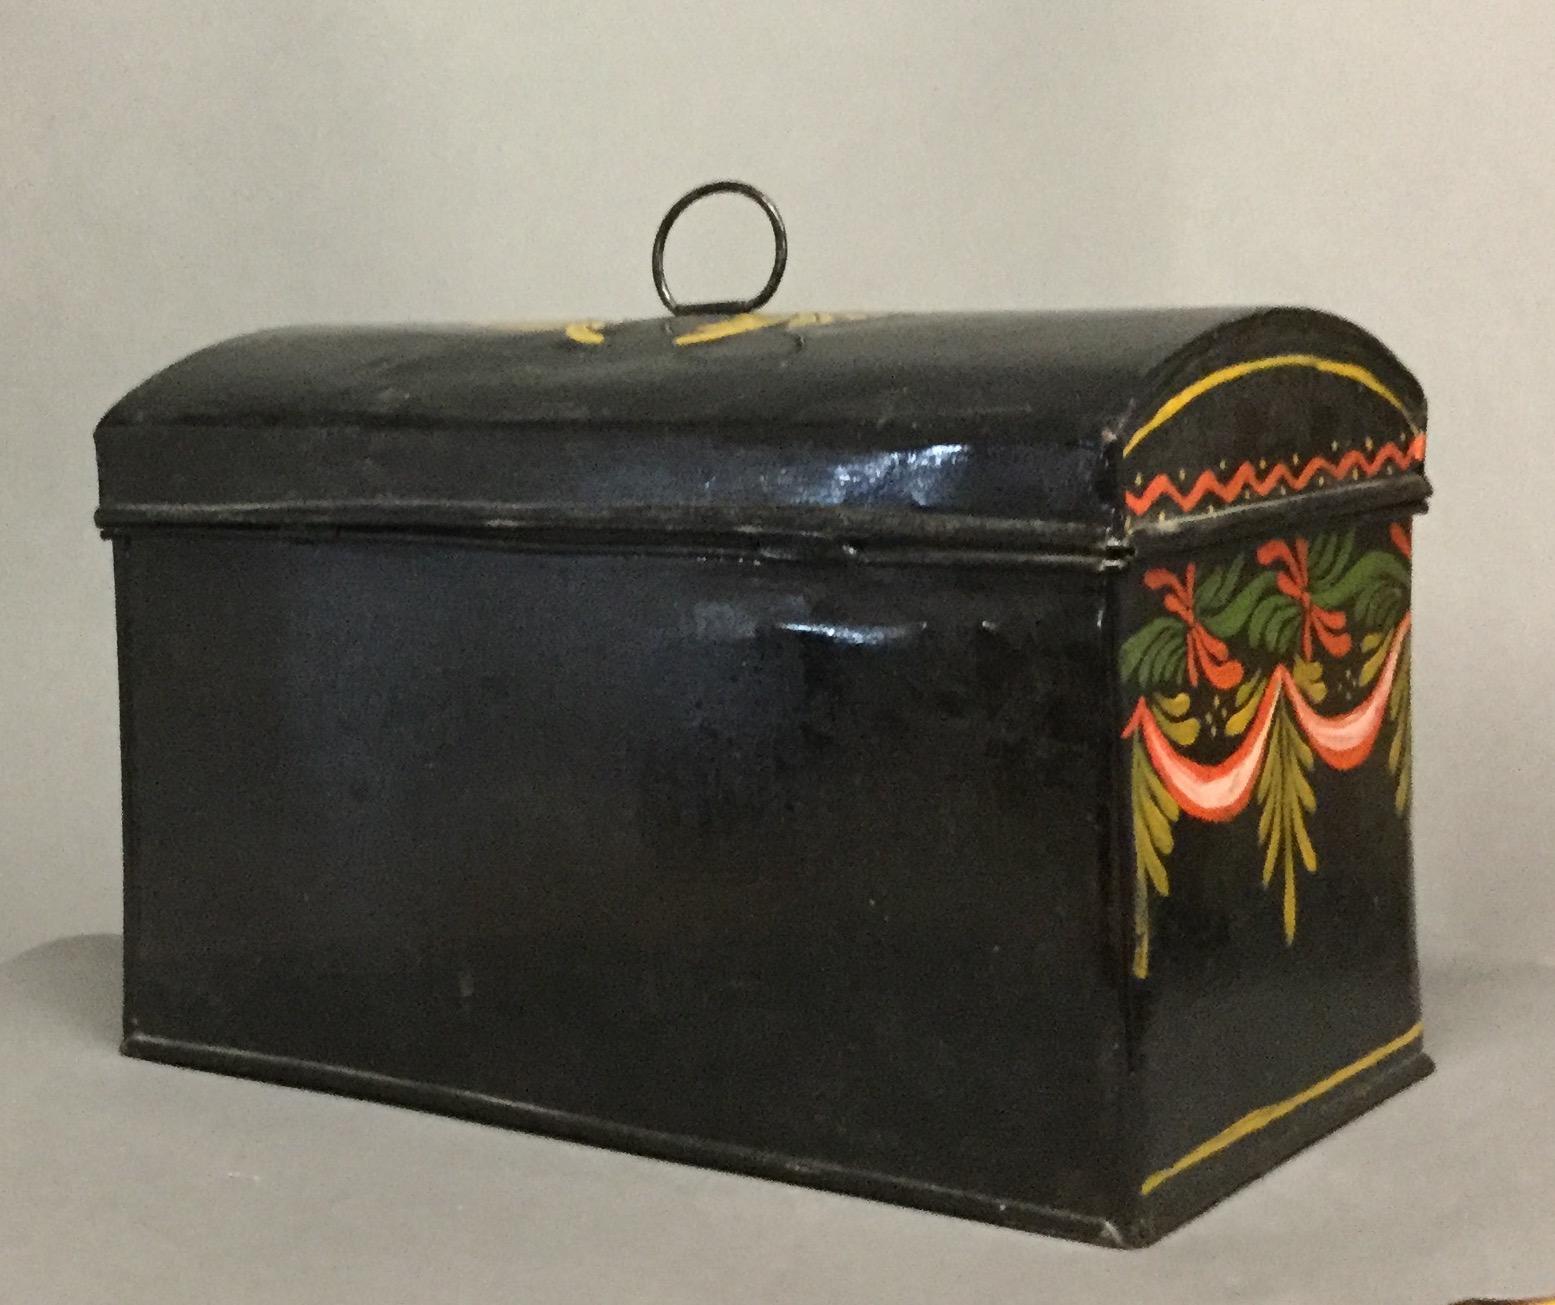 Antique-Tole-Painted-Document-Box_63324D.jpg